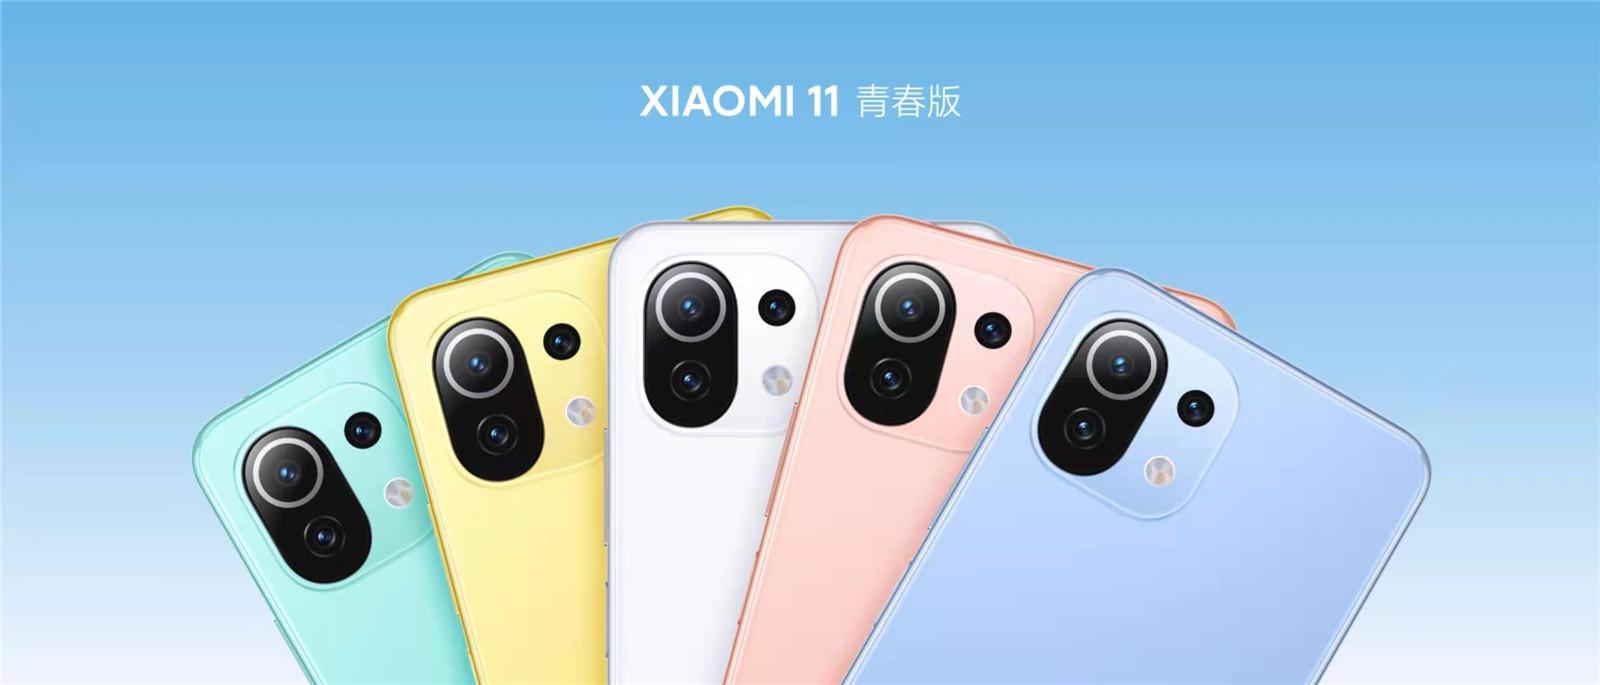 史上最轻薄小米手机!小米11青春版发布:首发新U